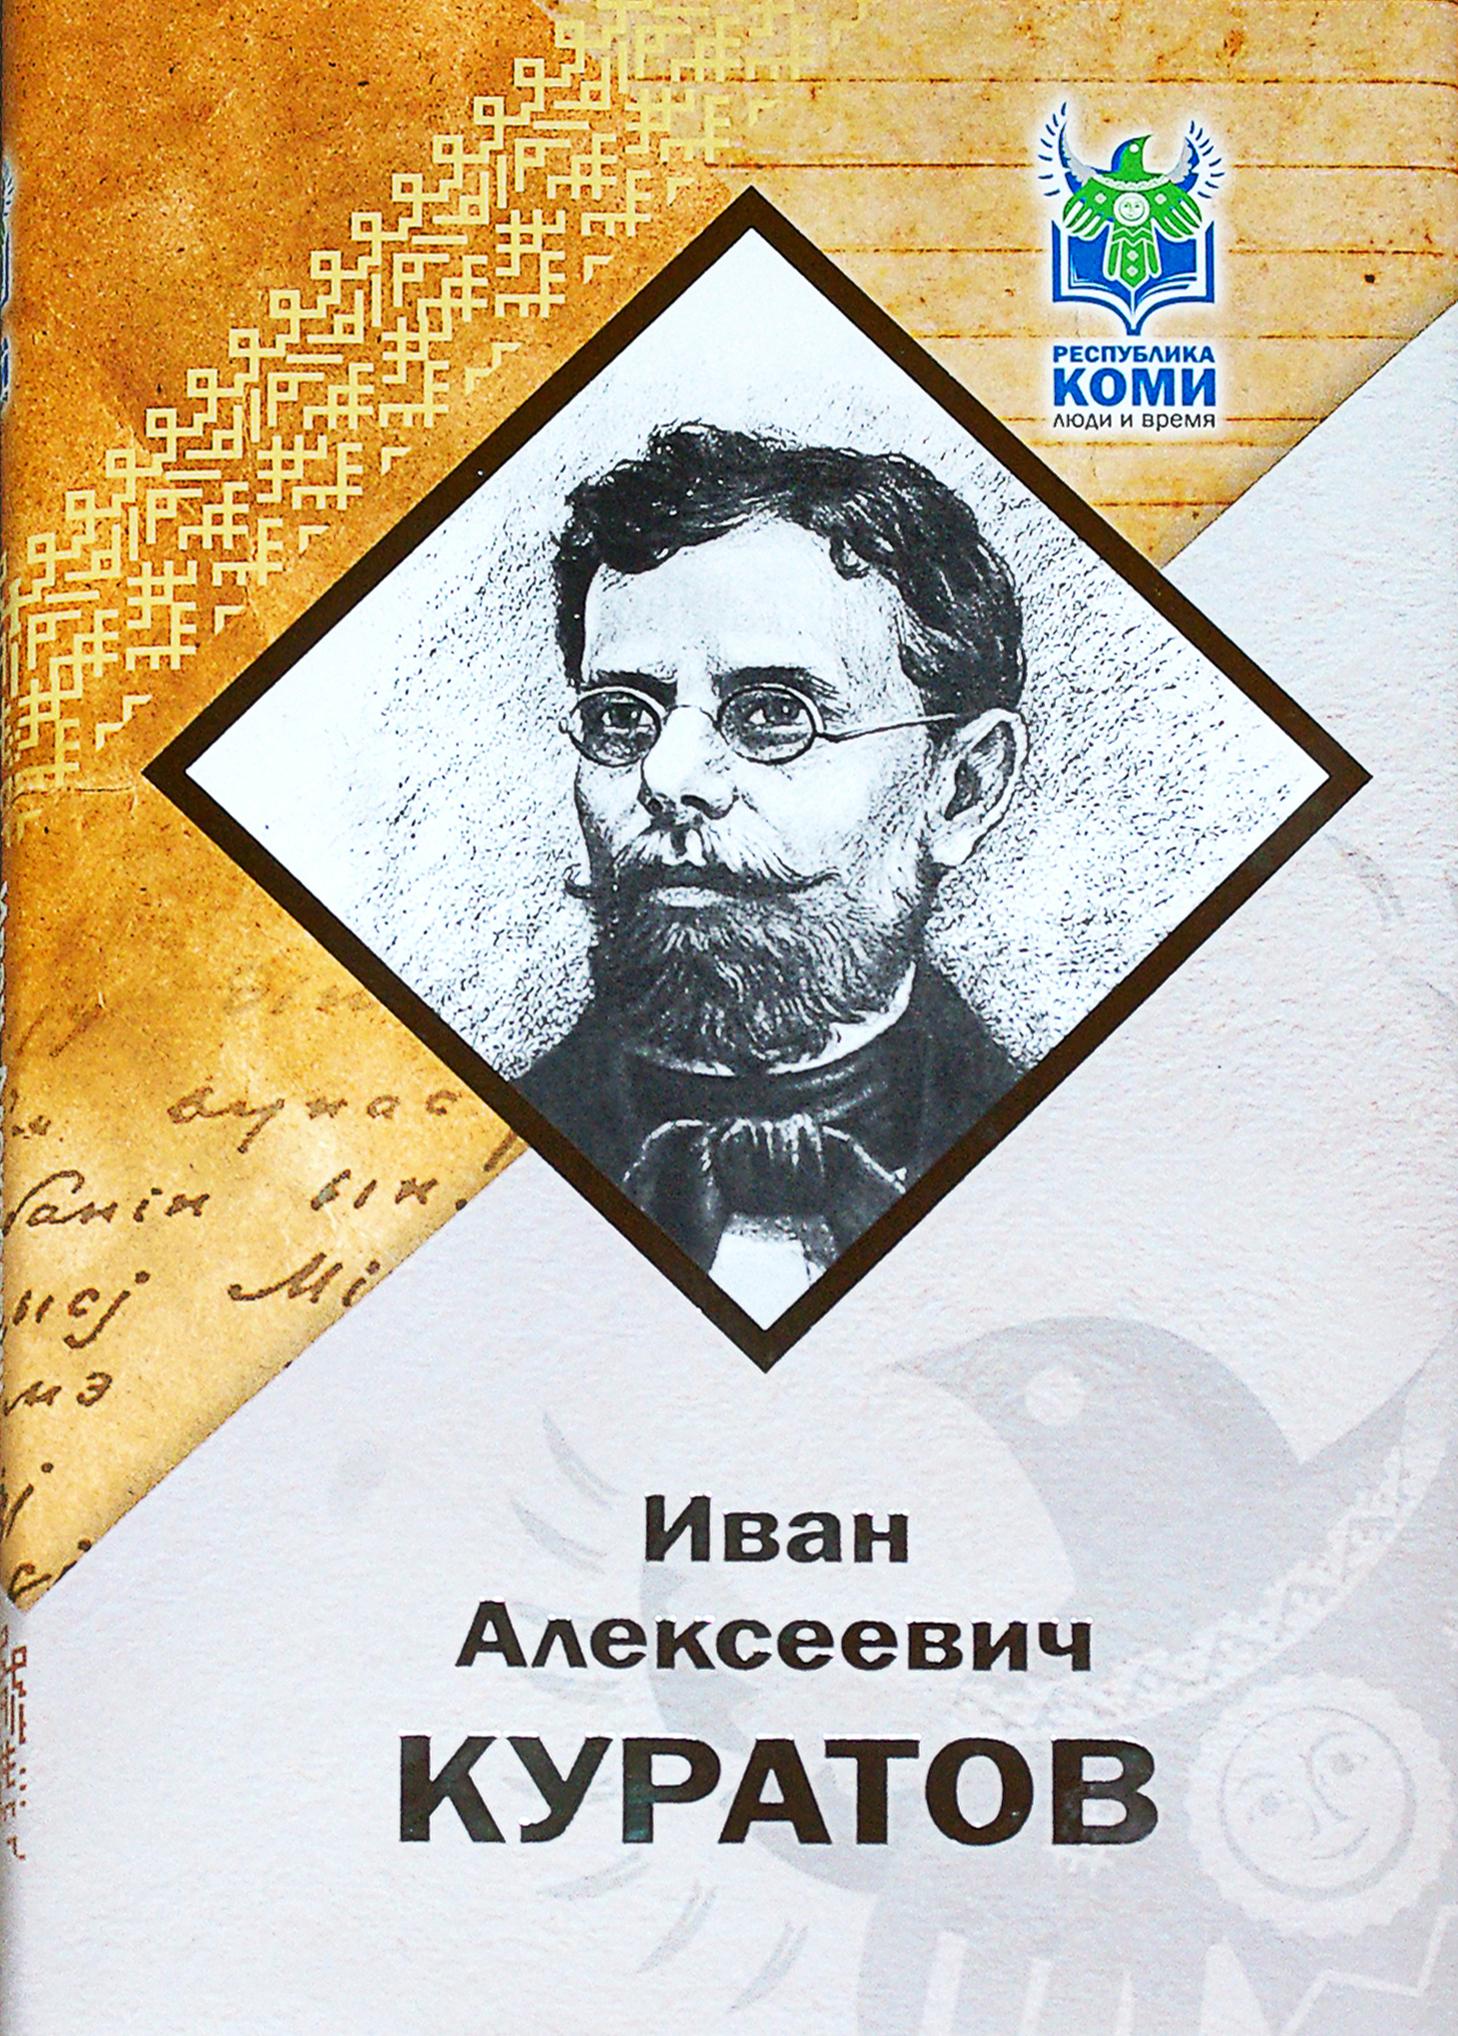 Иван Алексеевич Куратов